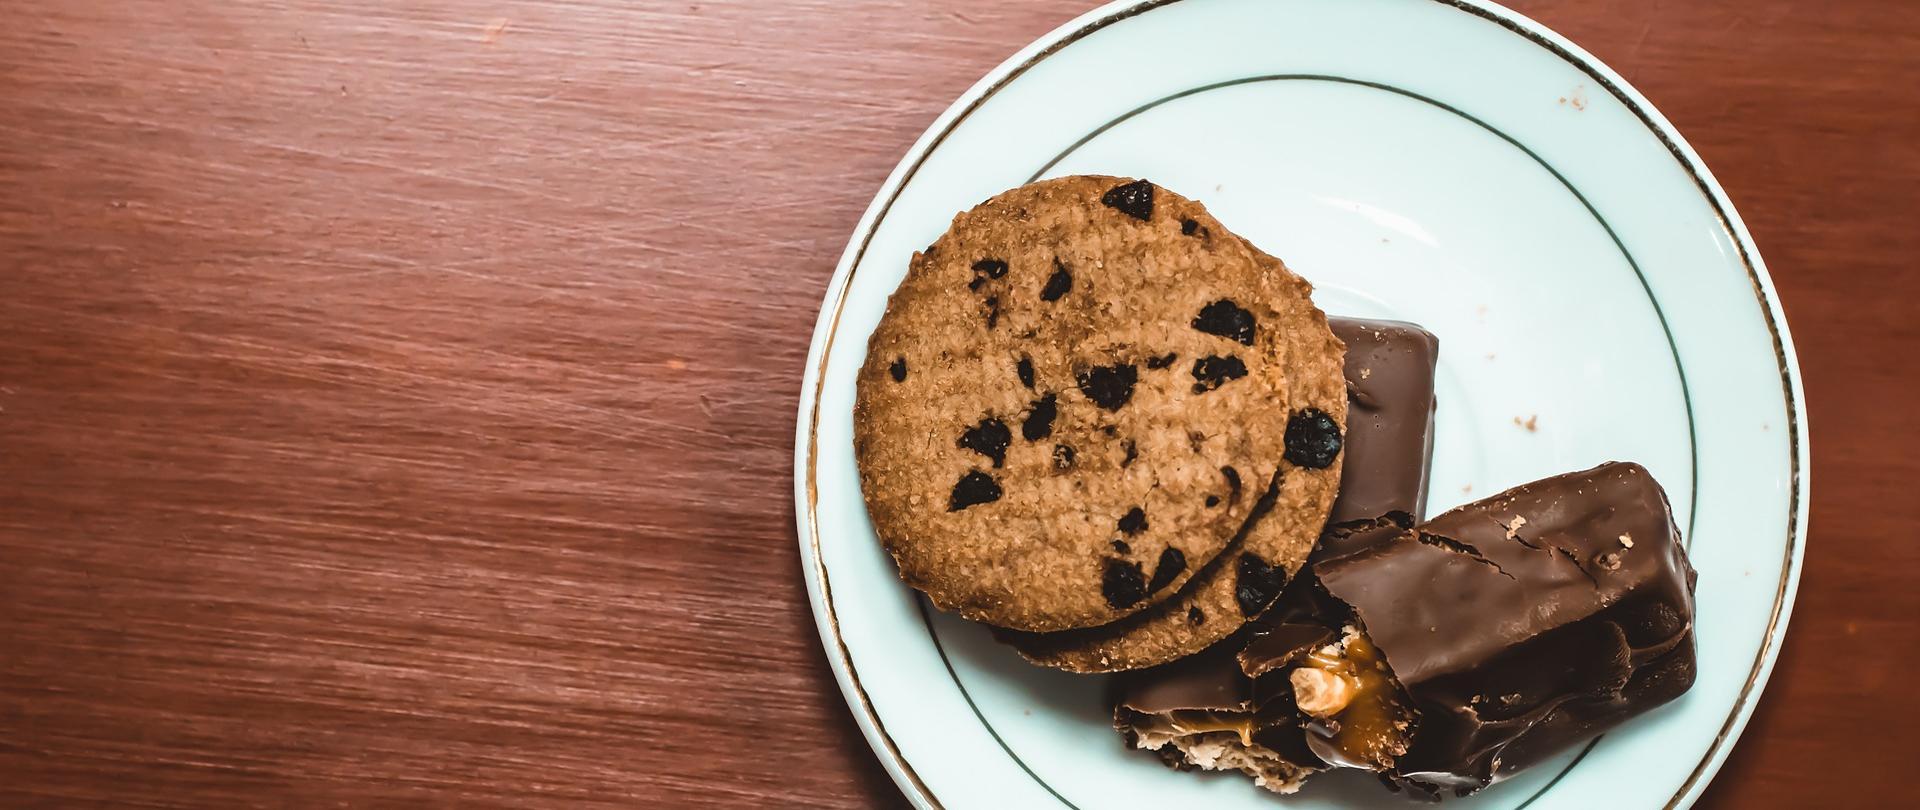 Jakość handlowa wyrobów ciastkarskich i cukierniczych